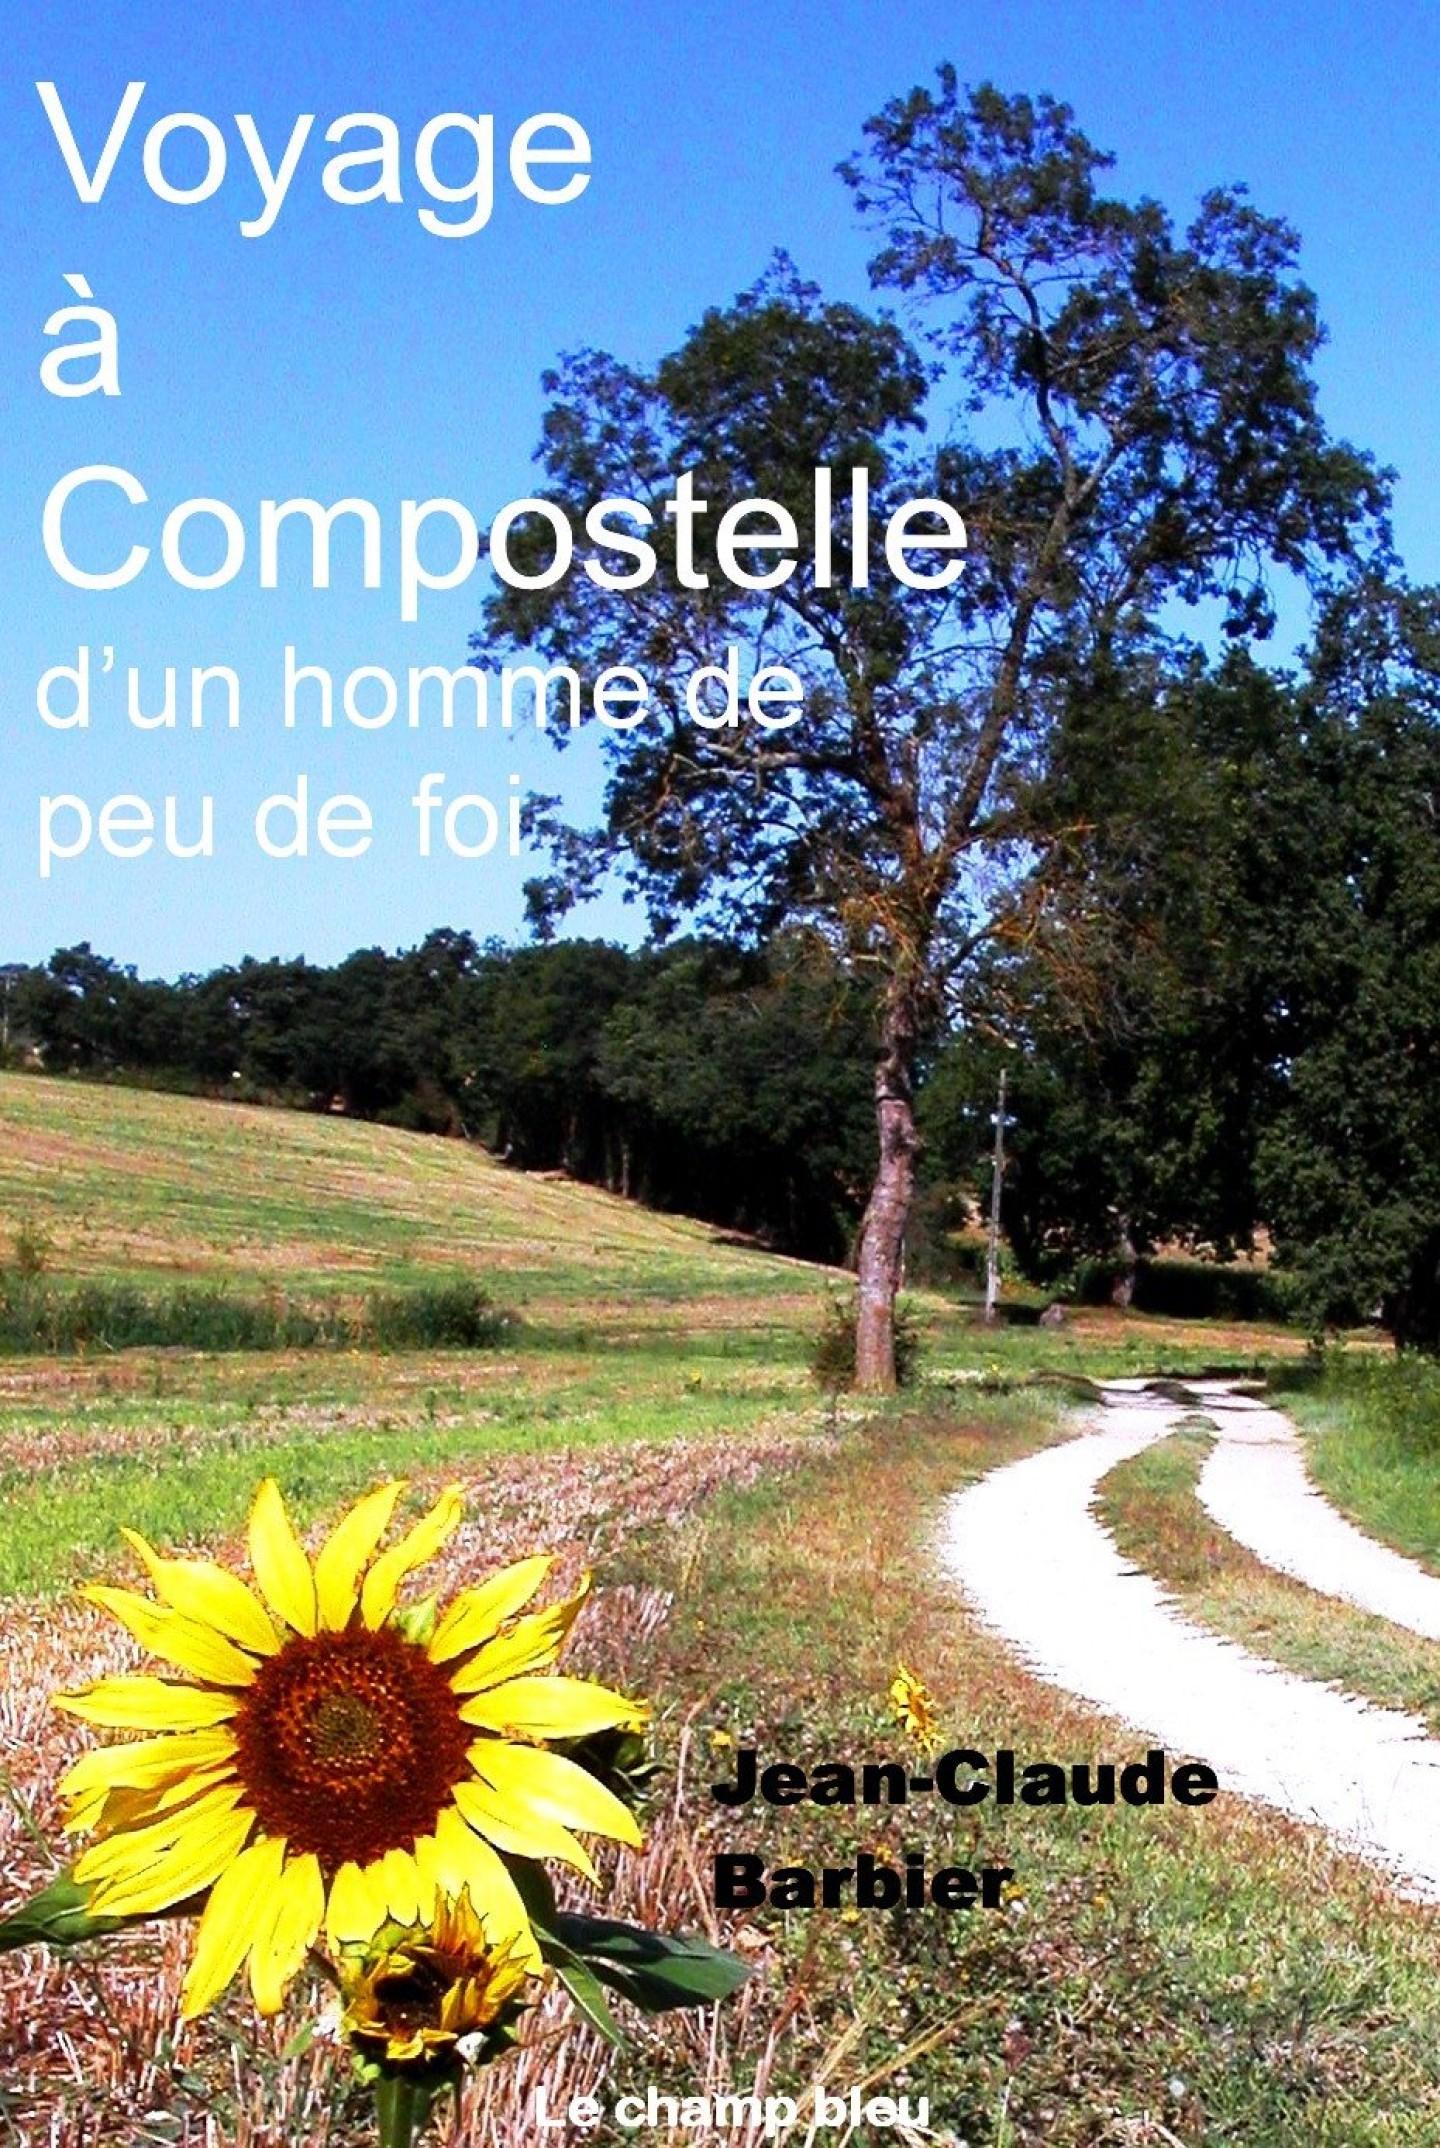 Voyage à Compostelle d'un homme de peu de foi de Jean-Claude Barbier